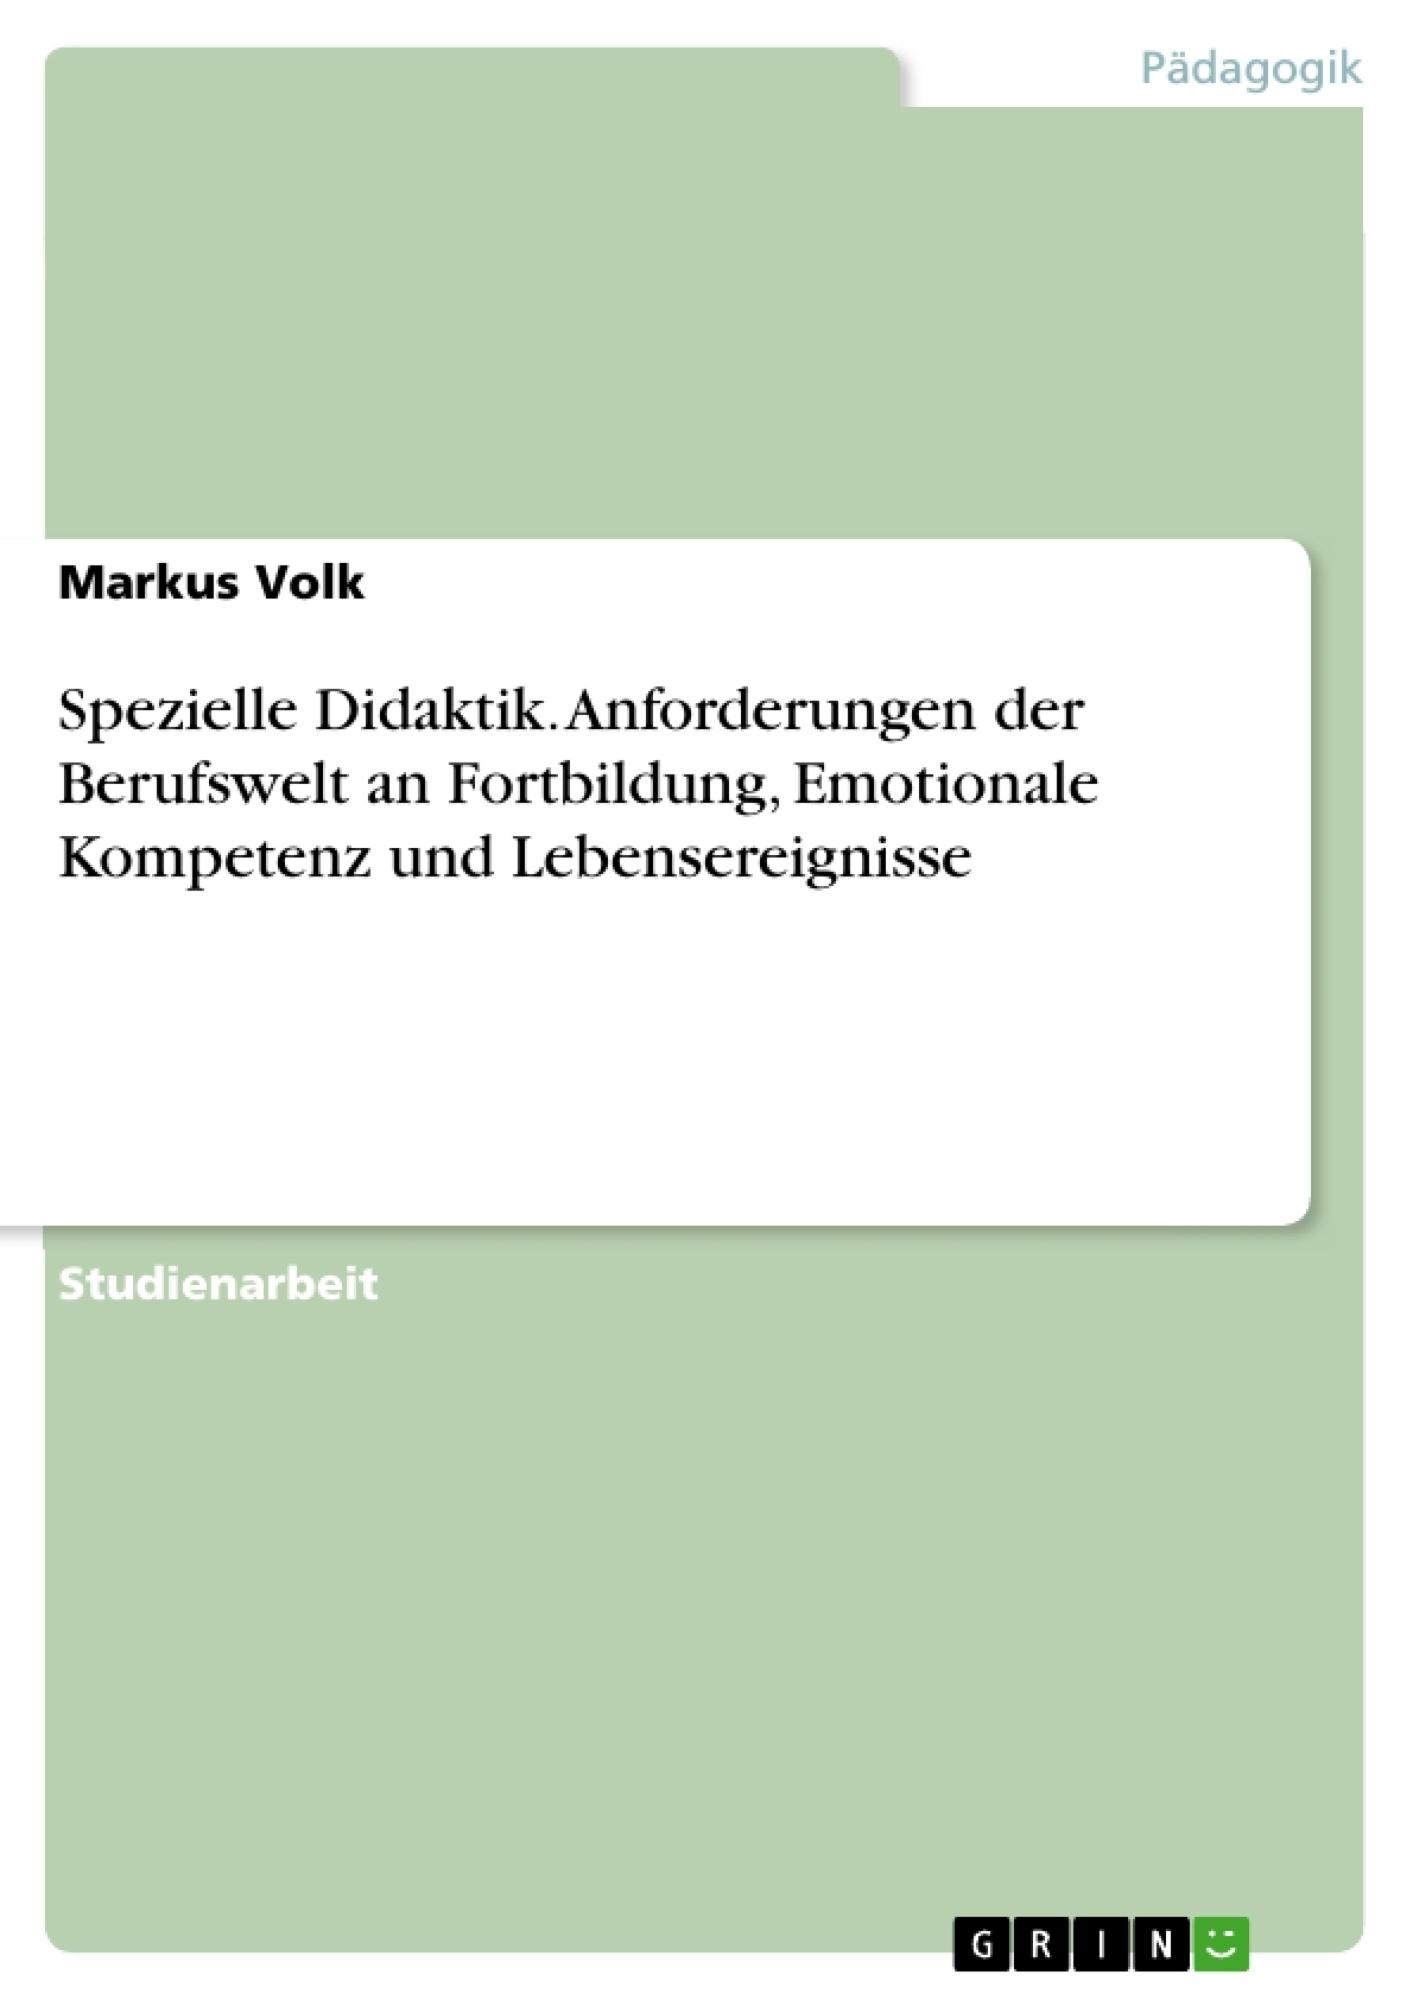 Titel: Spezielle Didaktik. Anforderungen der Berufswelt an Fortbildung, Emotionale Kompetenz und Lebensereignisse